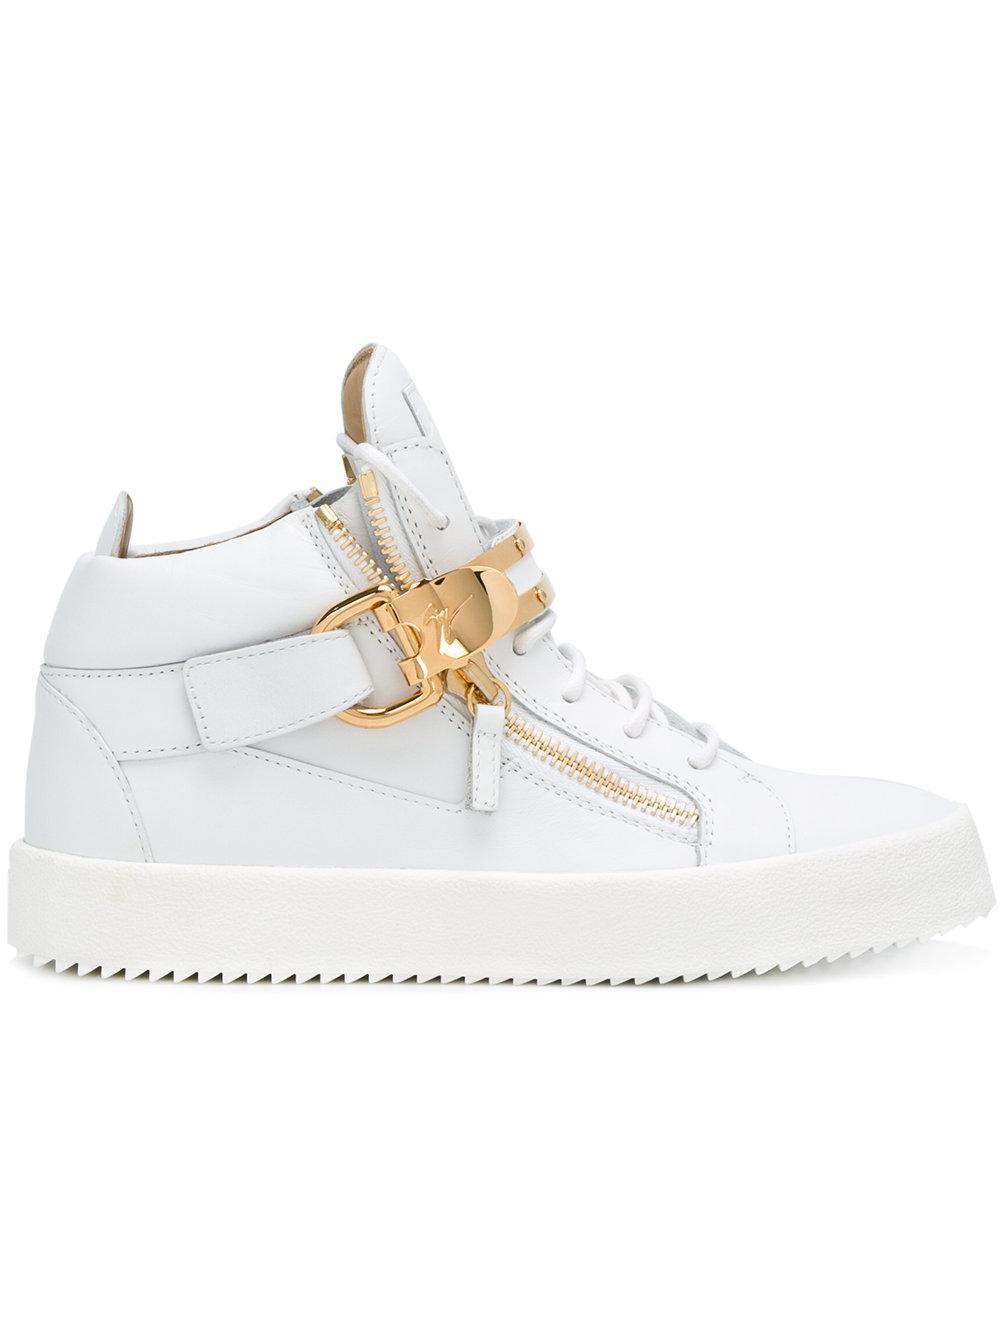 giuseppe zanotti owen hi top sneakers in white lyst